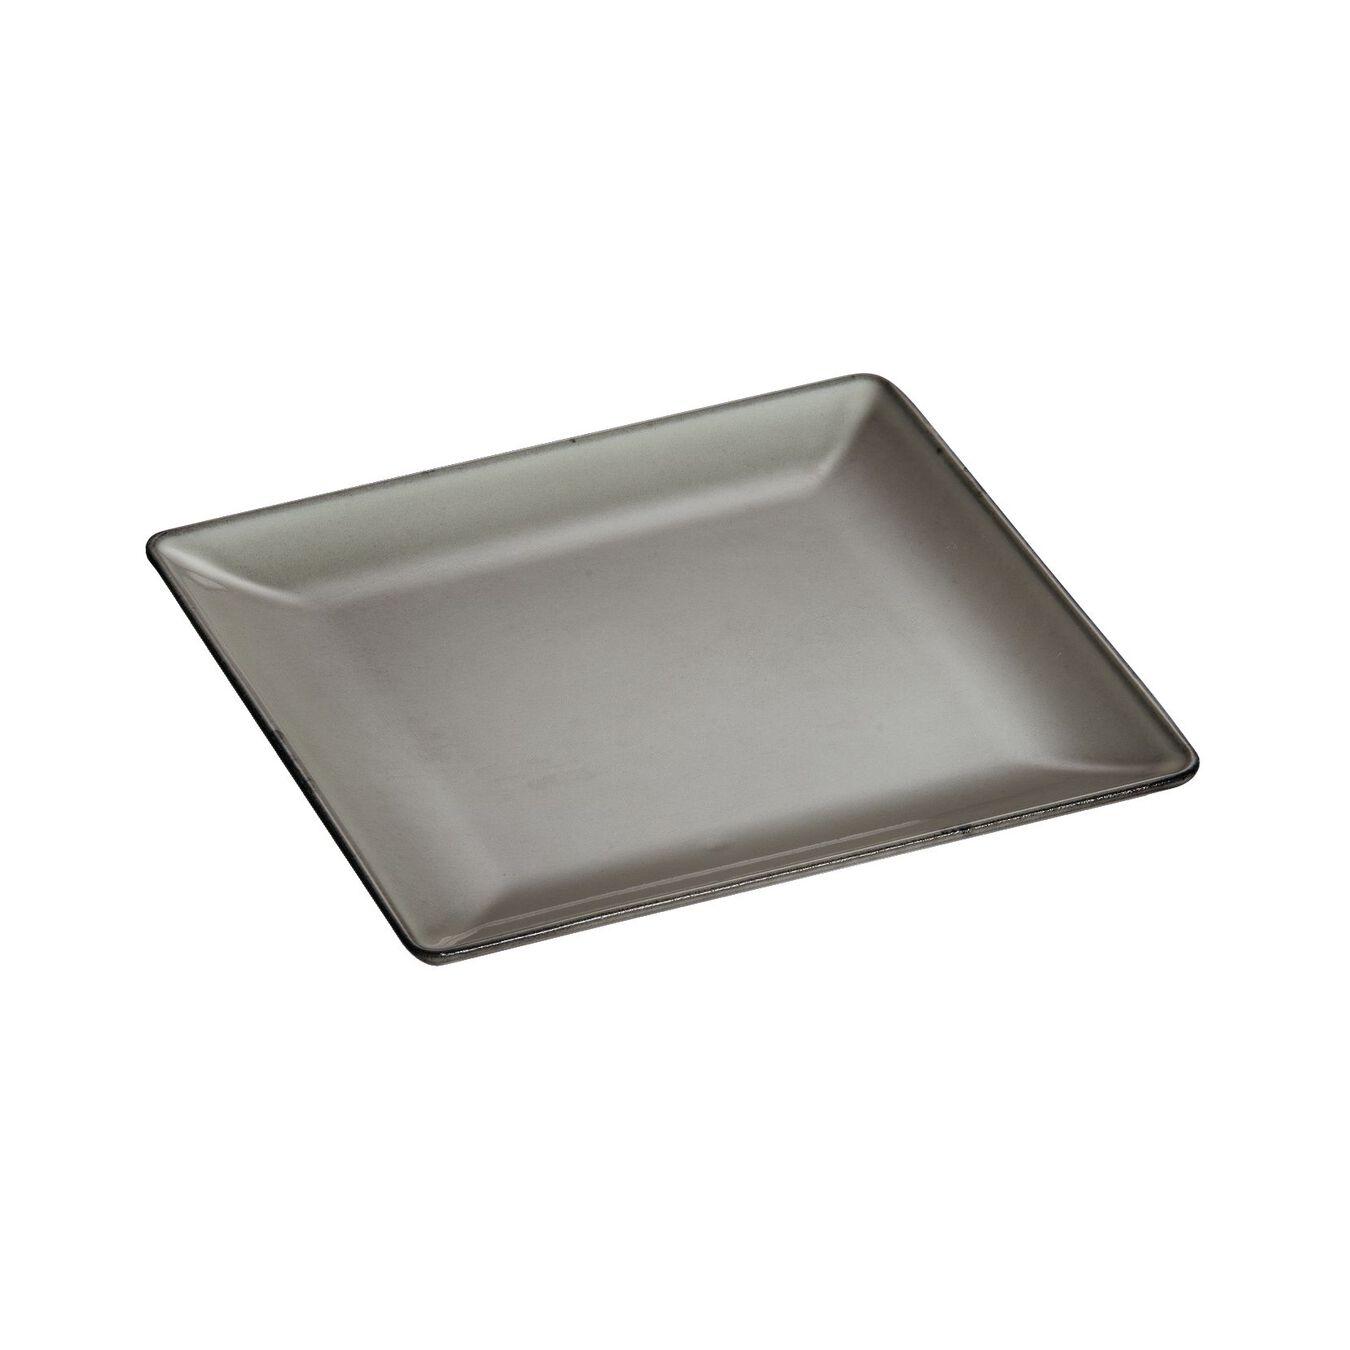 Assiette 24 cm x 24 cm, Gris graphite, Fonte,,large 3